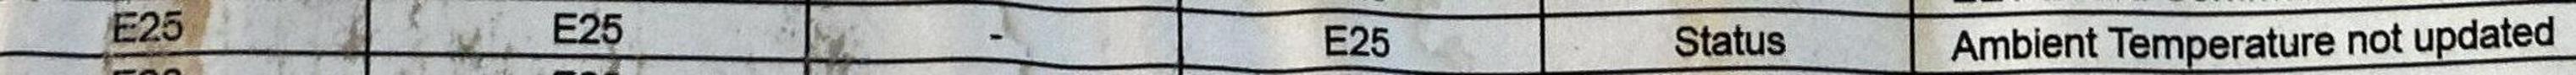 Actron-1-detail-2.jpeg